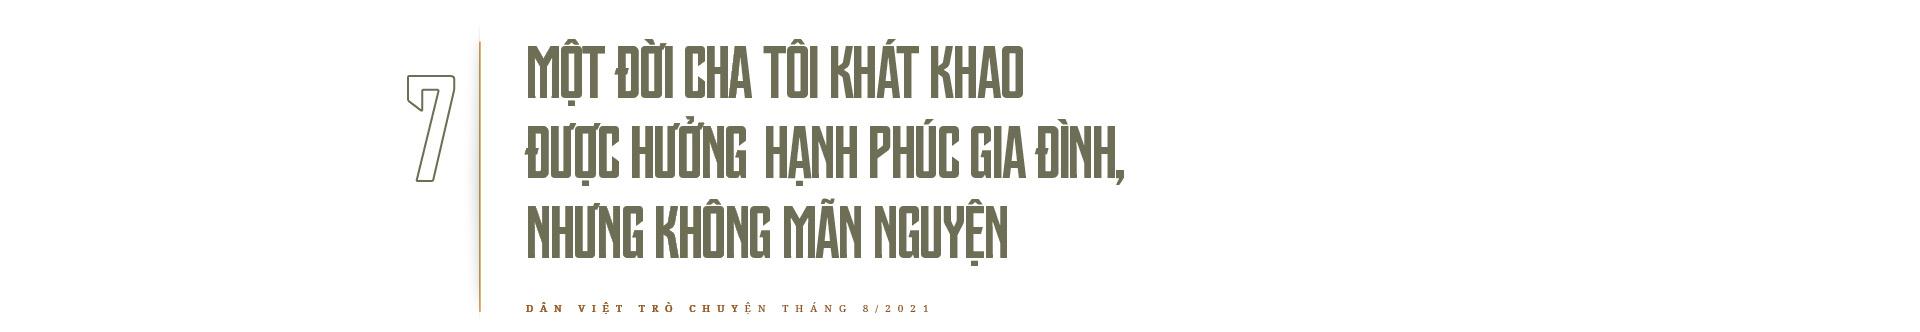 Nhà cách mạng Trần Tử Bình qua lời kể của võ sư Trần Việt Trung: Một cuộc đời như huyền thoại - Ảnh 16.